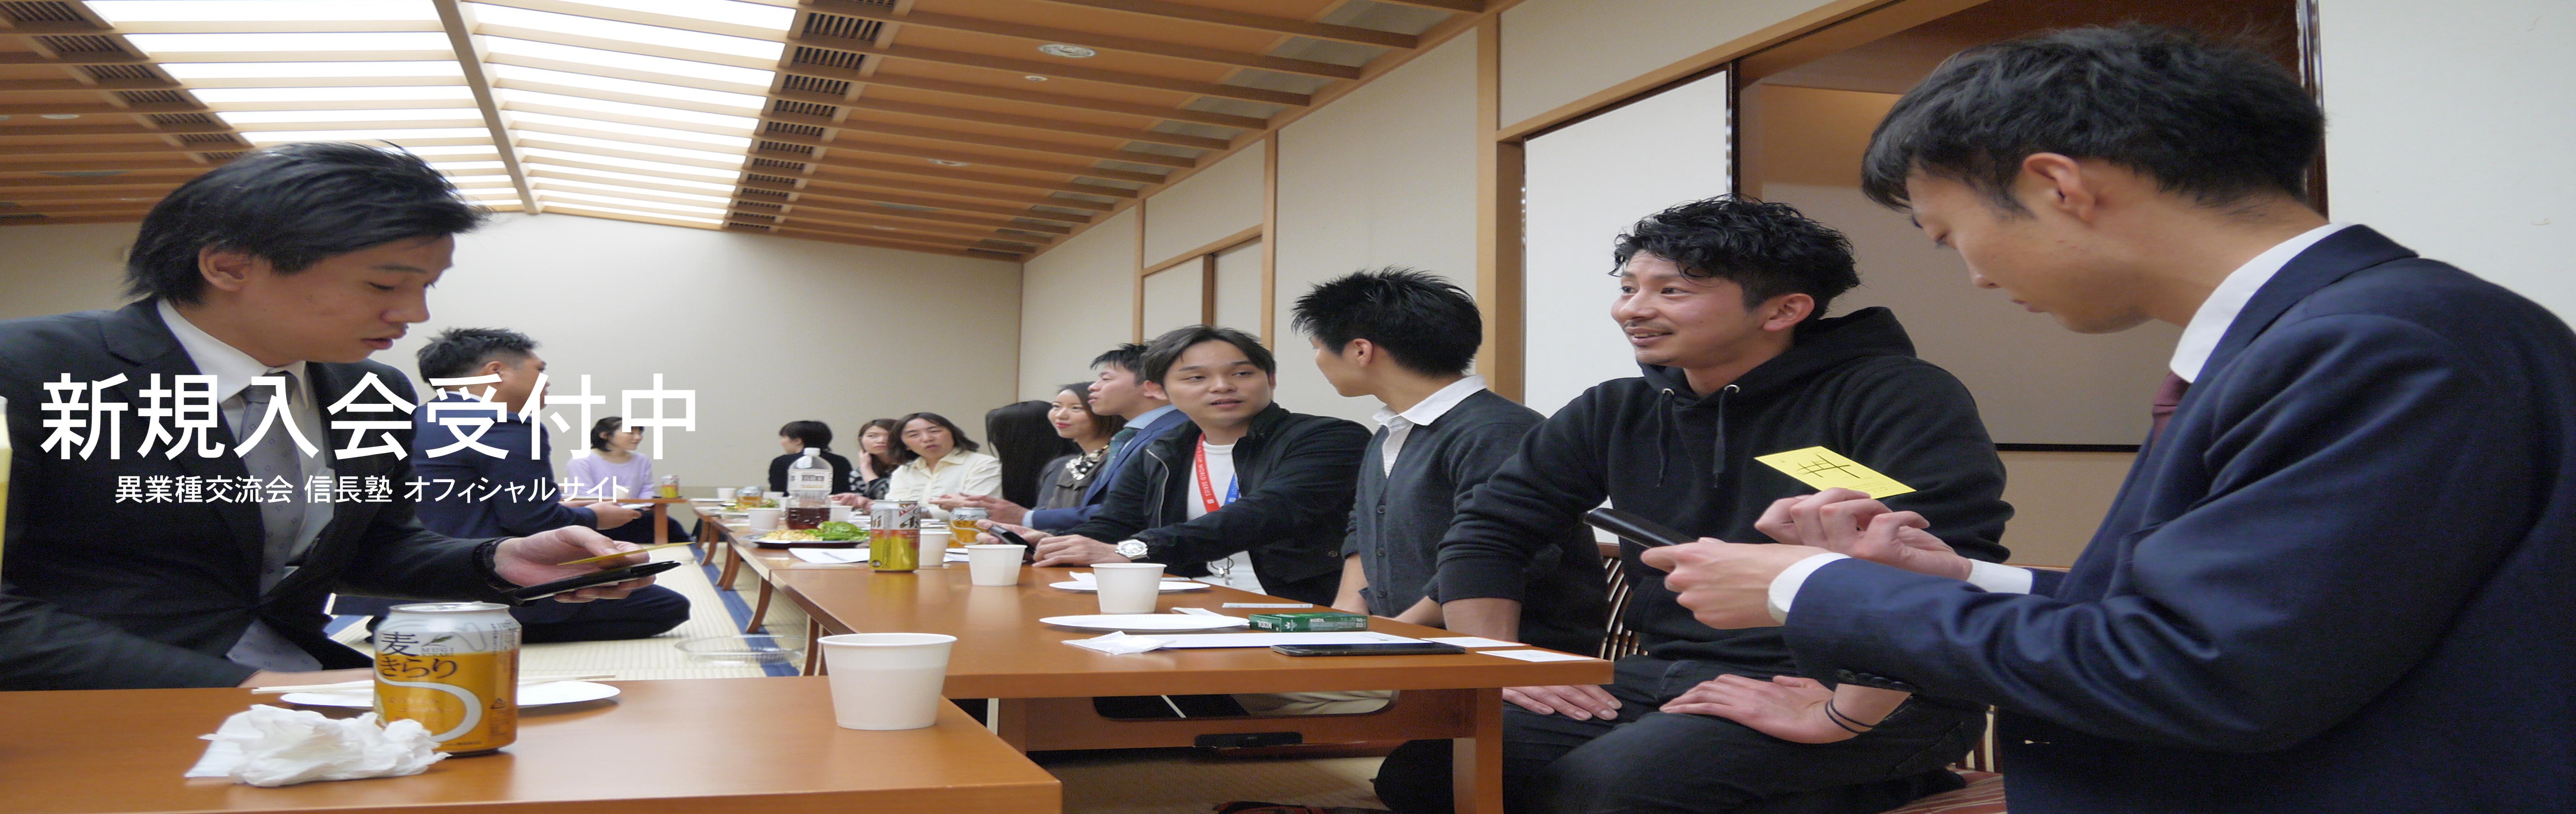 創業支援の起業サポート岐阜